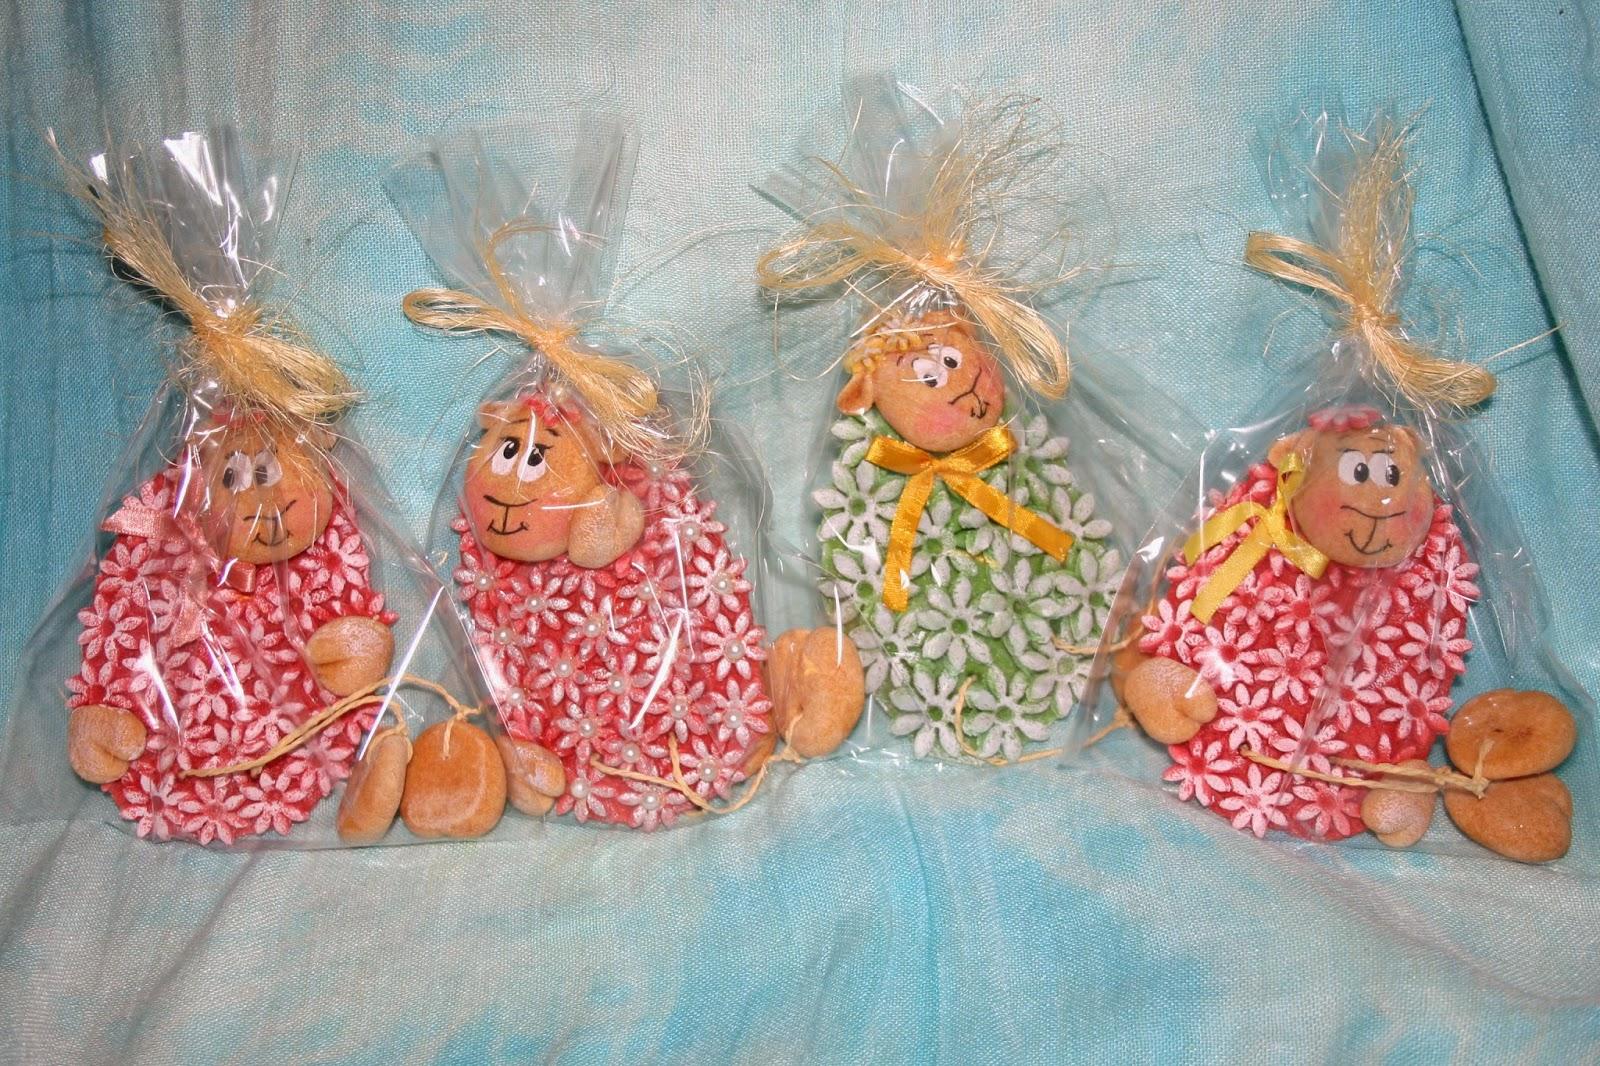 Anielskie Skrzydełko Ozdoby Wielkanocne Z Masy Solnej Czyli Kwiaty